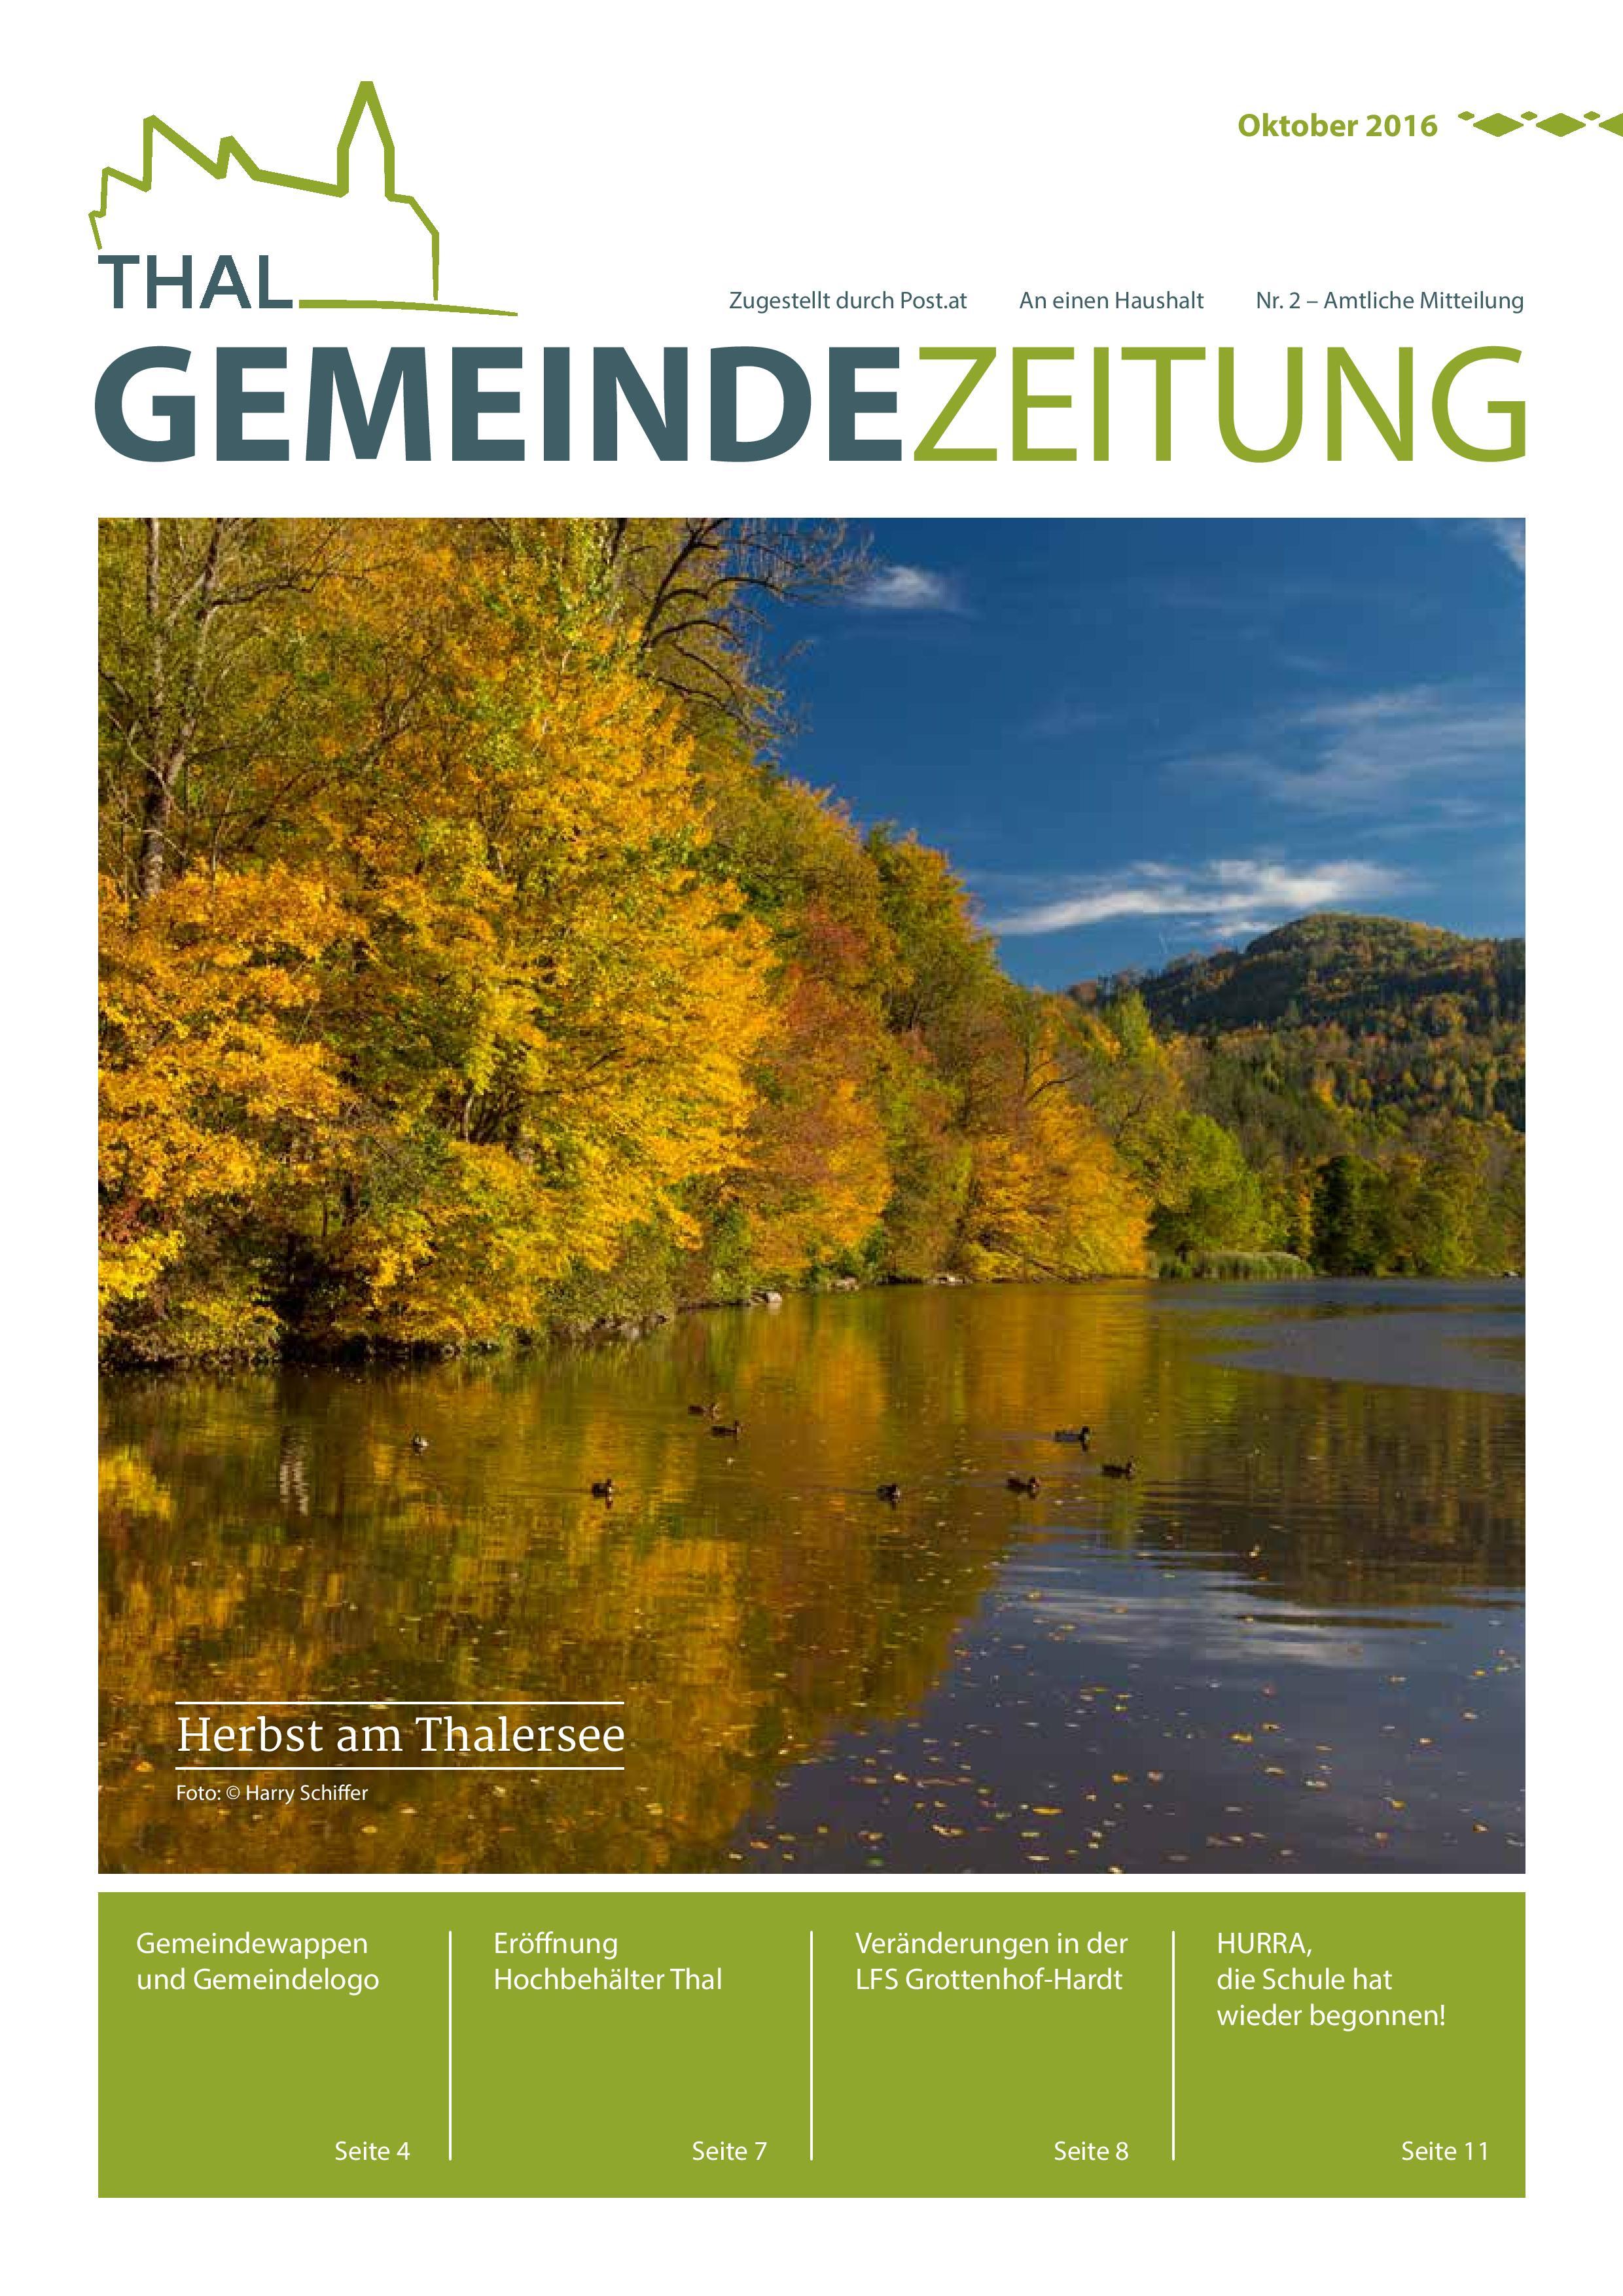 Gemeindezeitung Nr. 2 - Oktober 2016-page-001